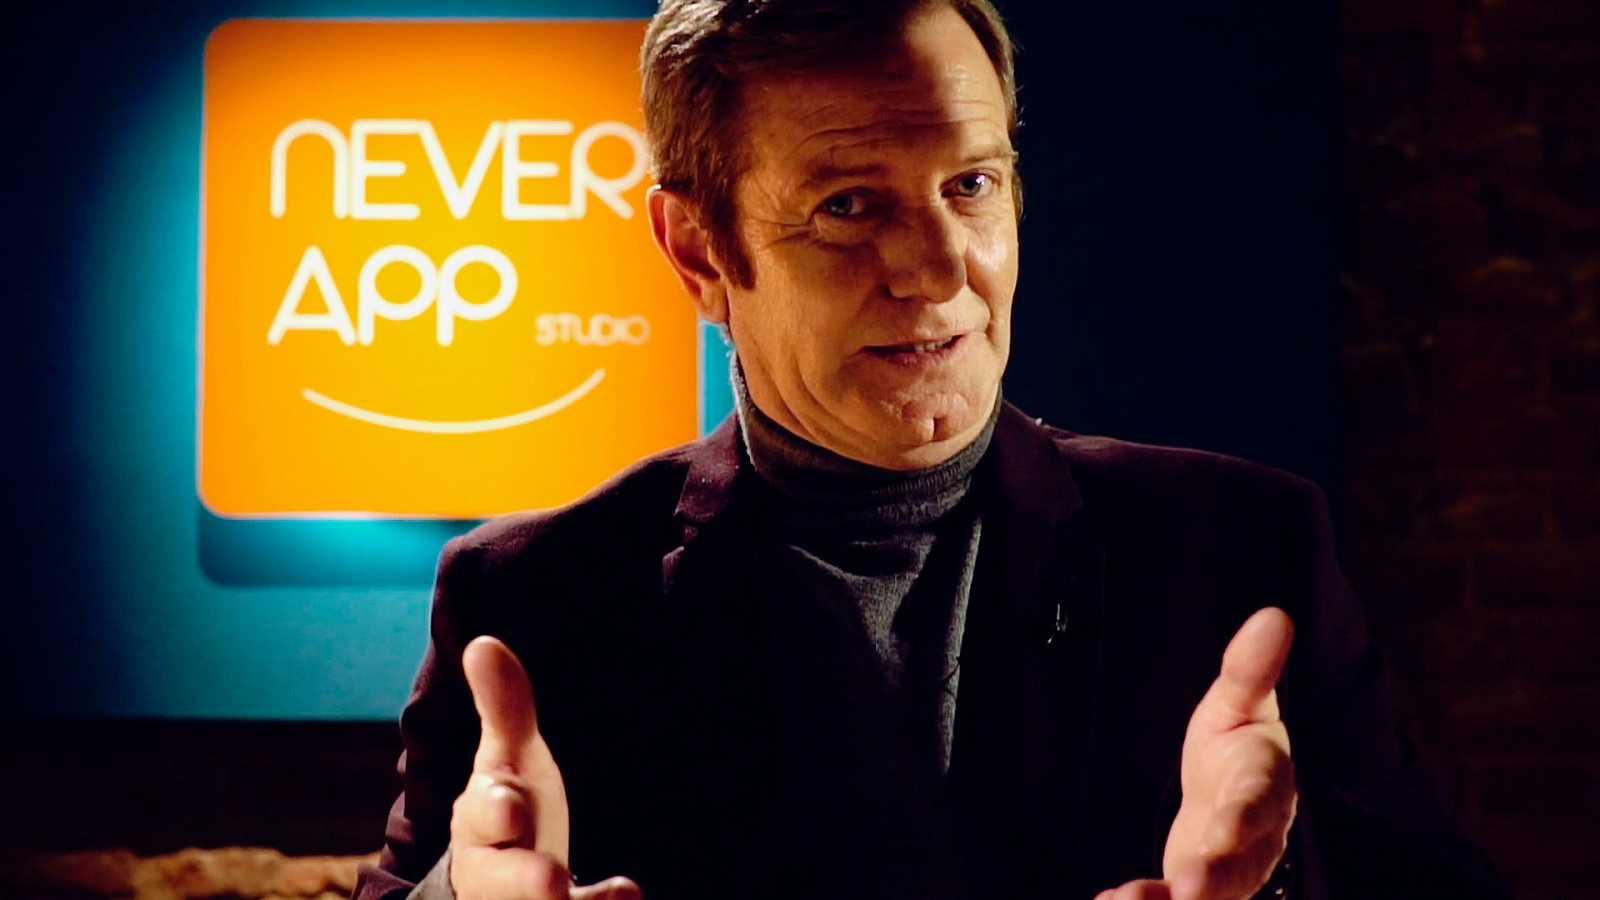 Neverfilms - Así es Paco, el C.E.O. de 'Never App'